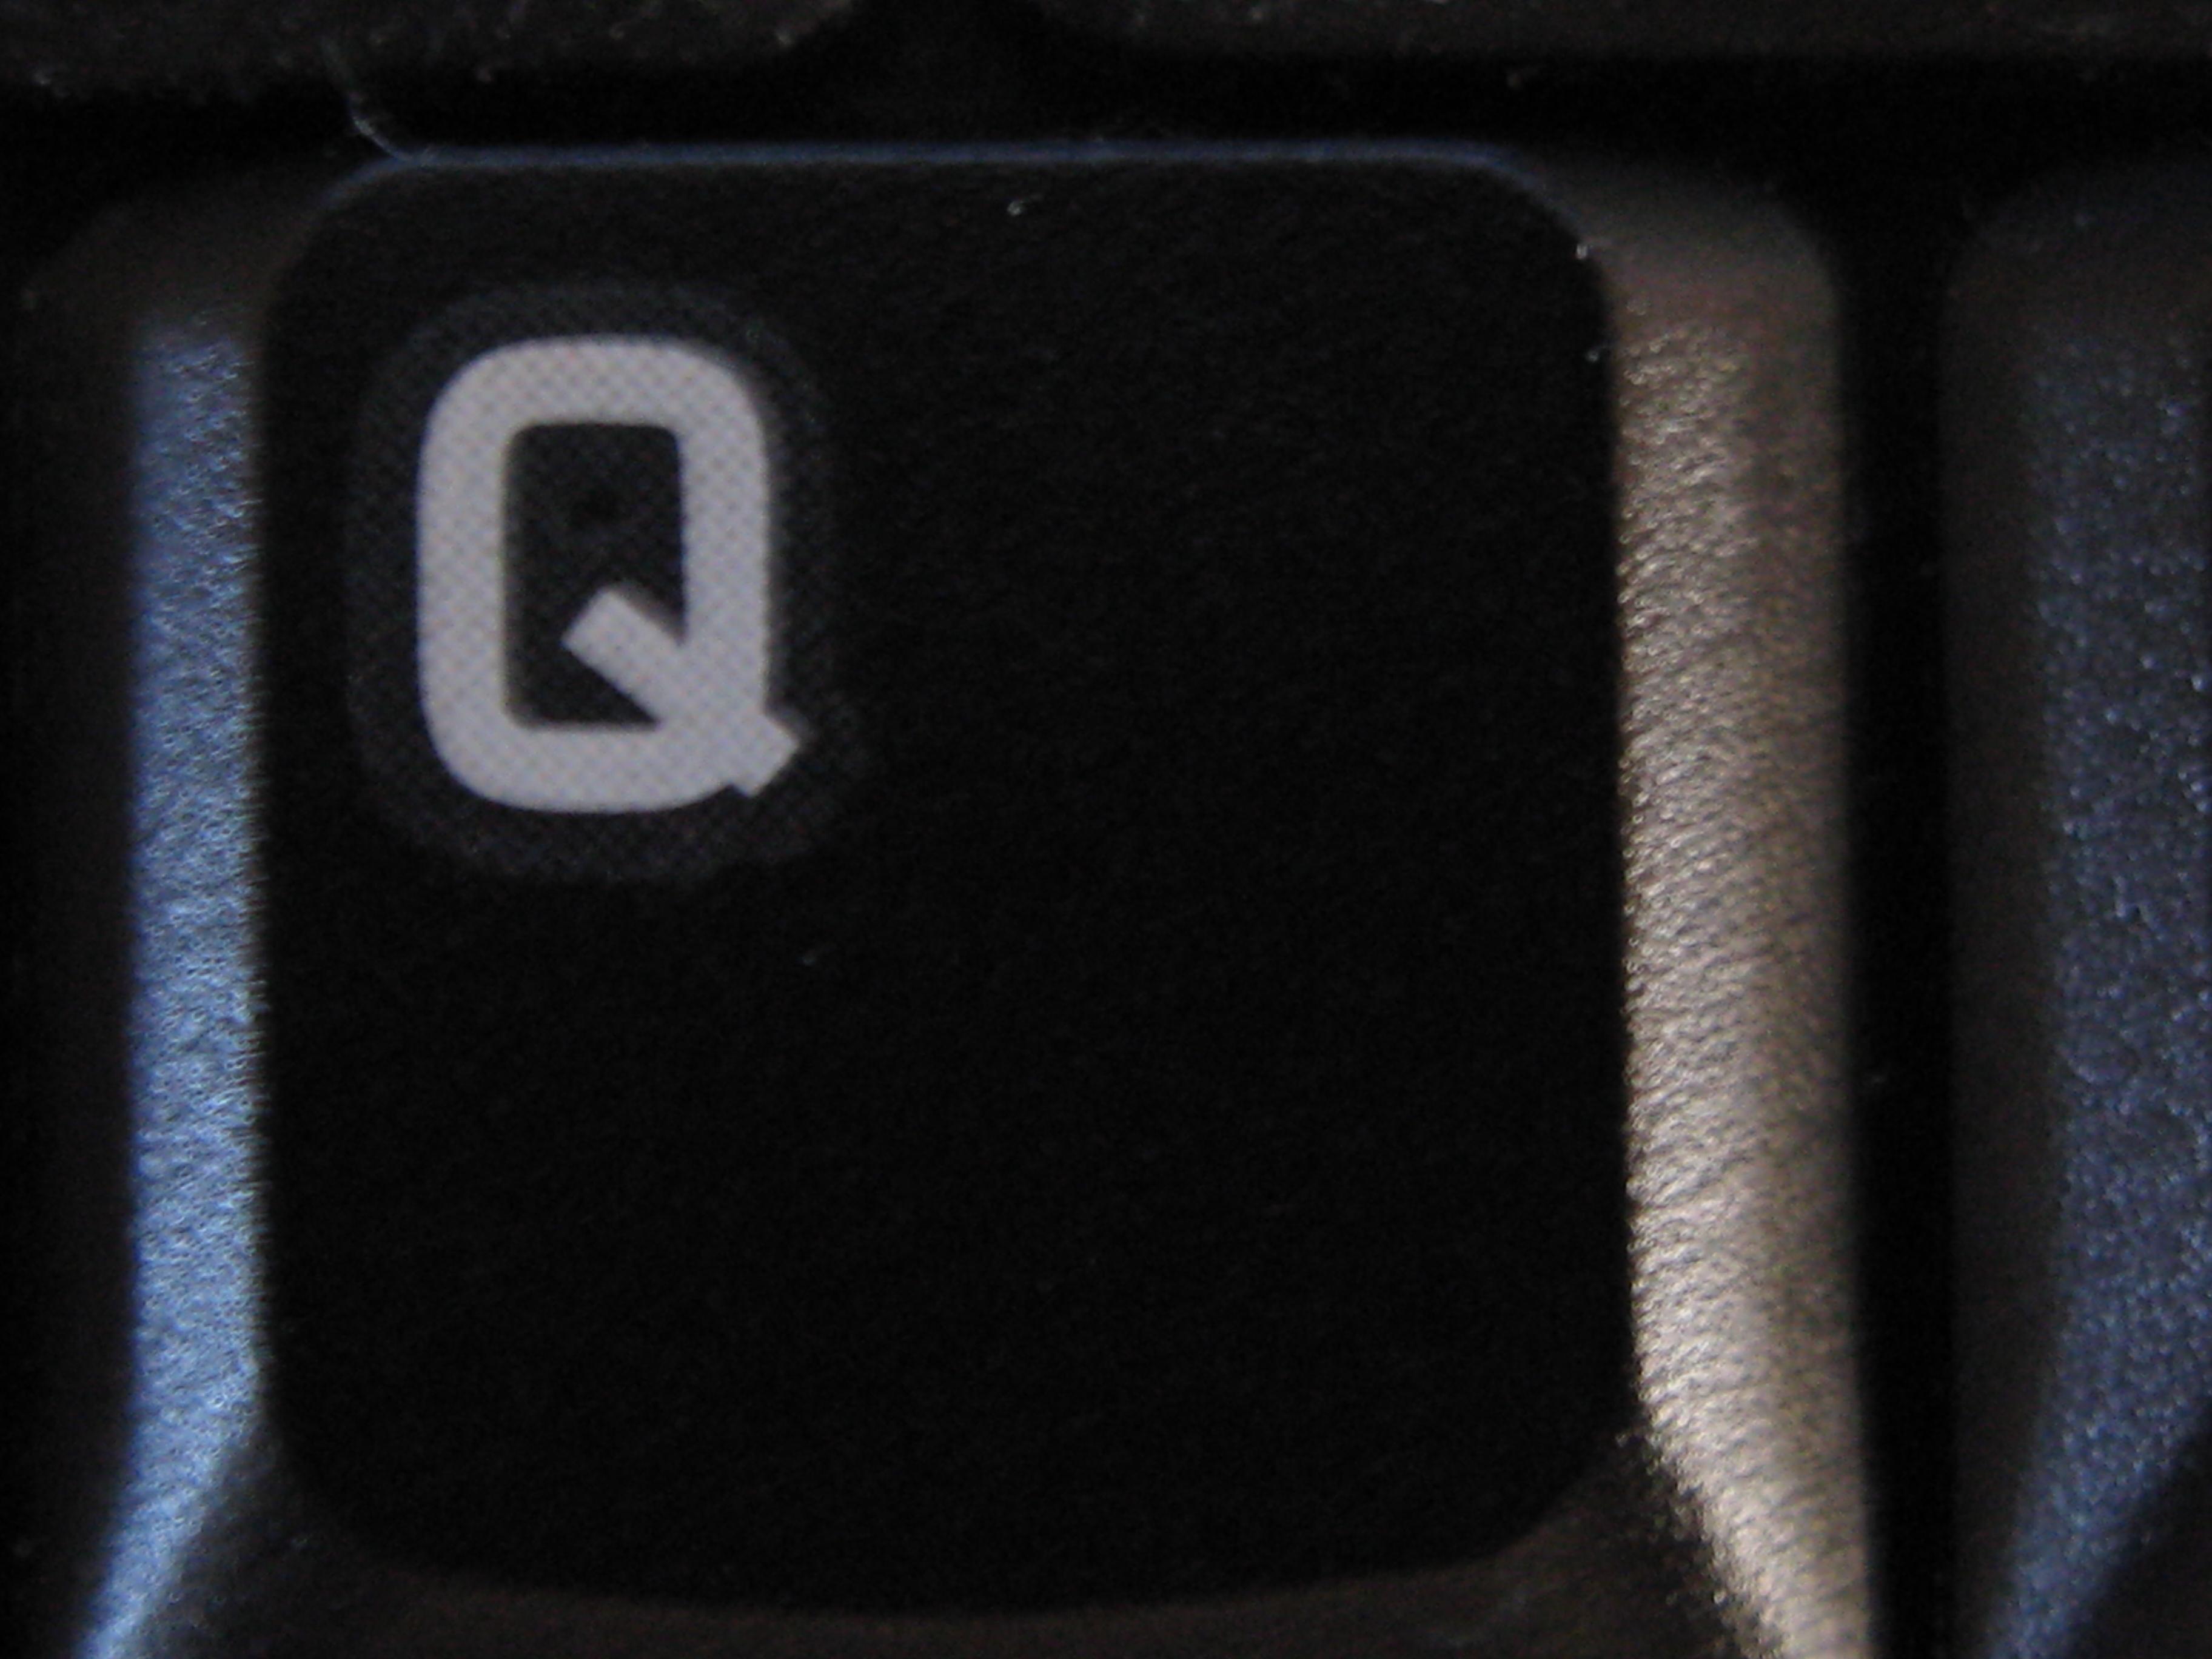 Bilgisayar Klavyelerindeki Harfler Neden Alfabedeki Sıraya Göre Dizilmez?